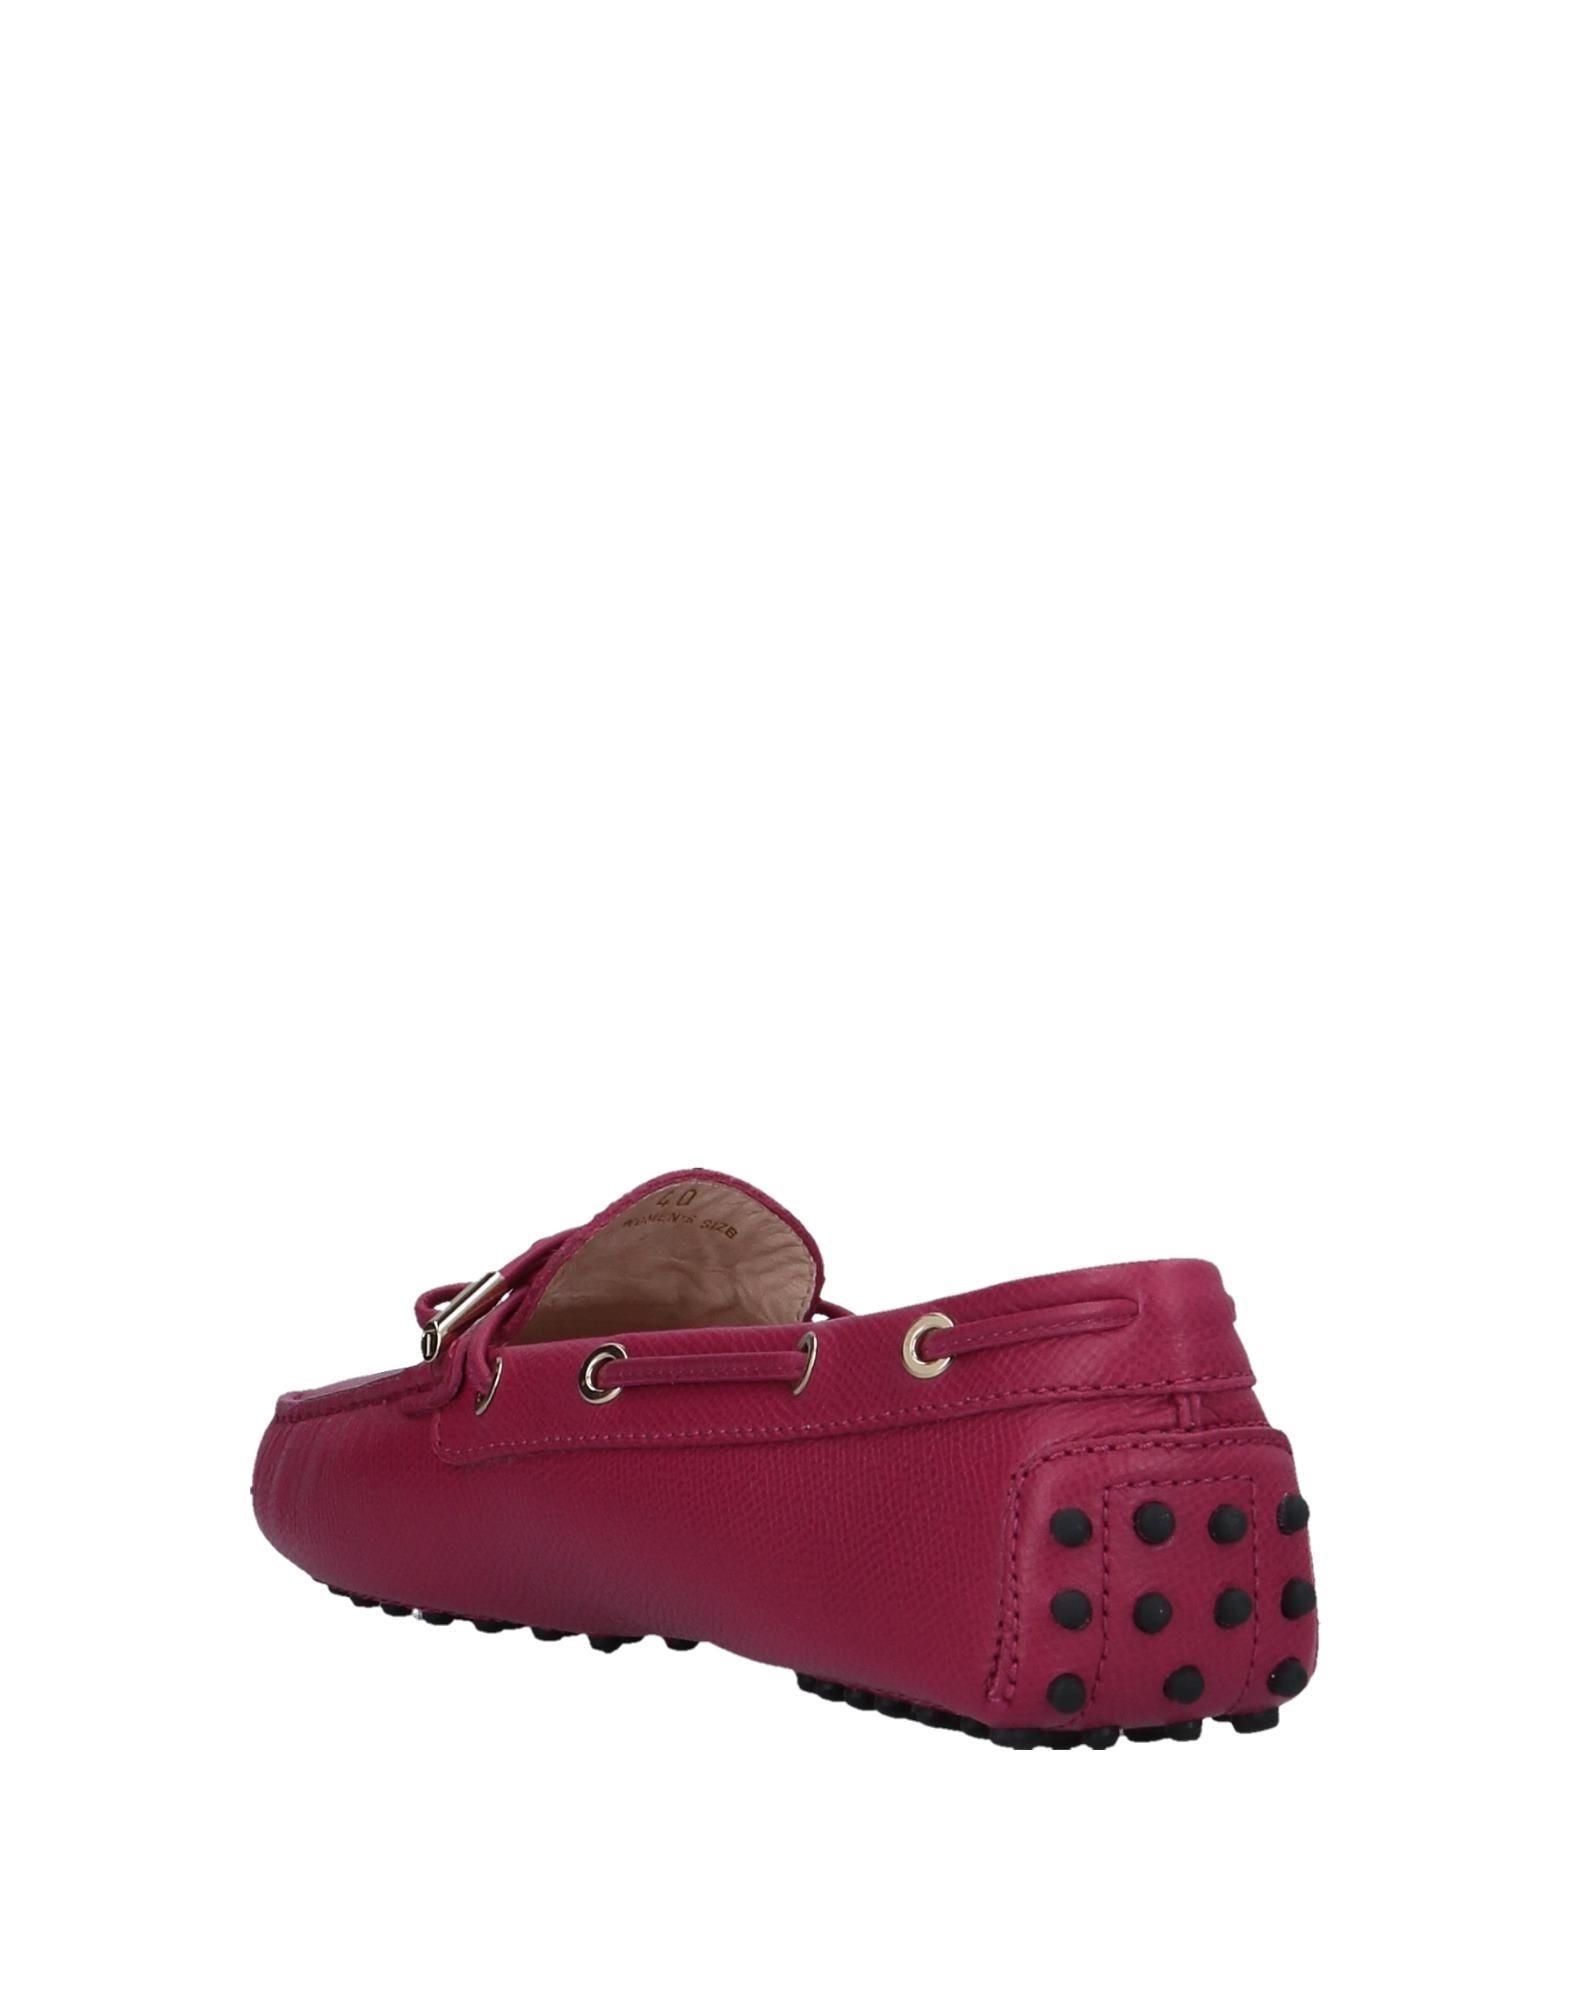 Tod's Mokassins Damen  11122301UUGut Schuhe aussehende strapazierfähige Schuhe 11122301UUGut f4d50f